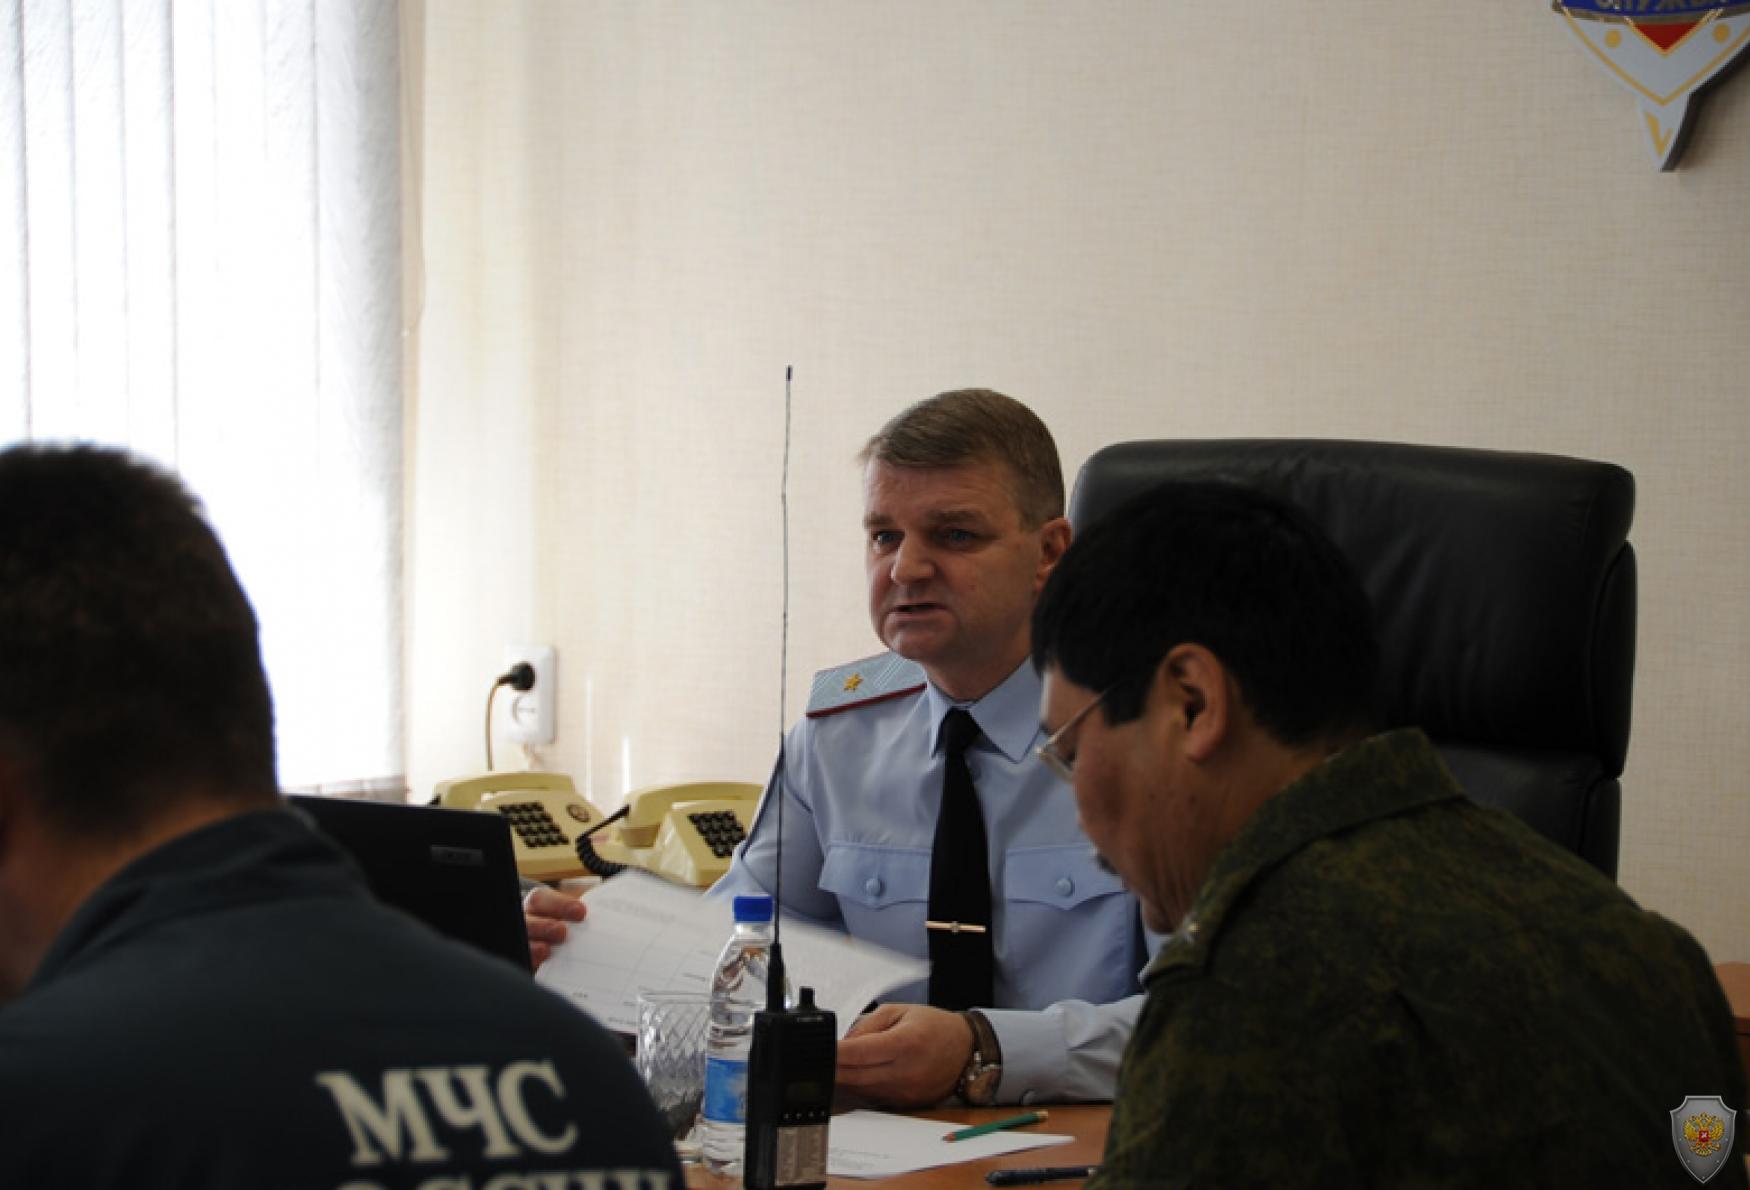 Тактико-специальные учения «Гроза - ГТРК «Горный Алтай». Республика Алтай. 23 мая 2014 года